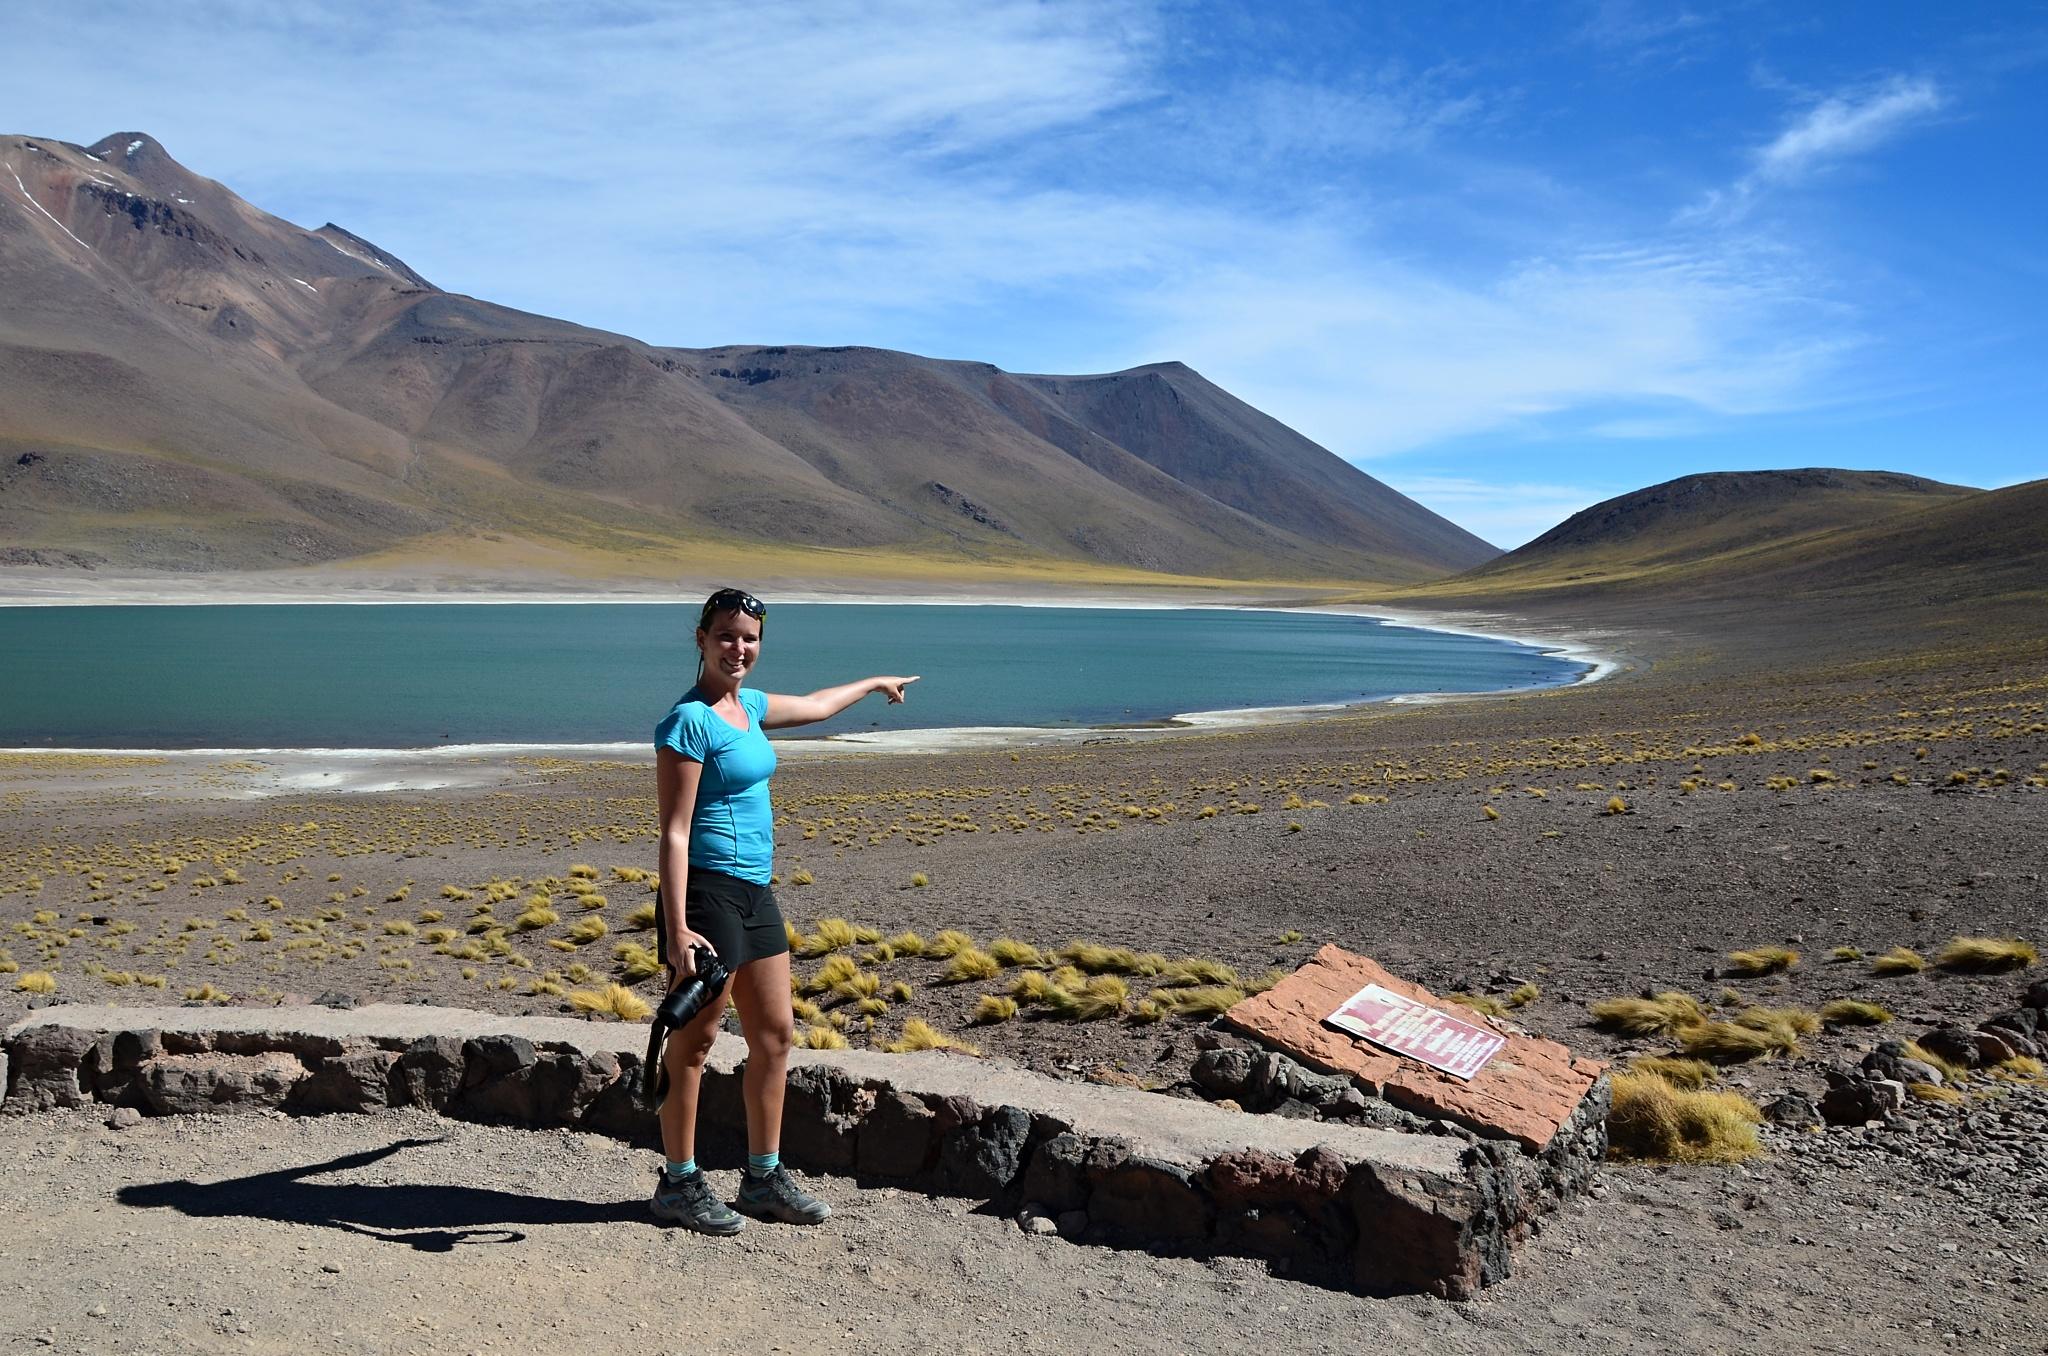 Hanka ukazuje na Patagonskou lišku v dáli. Jsou tam dokonce dvě!